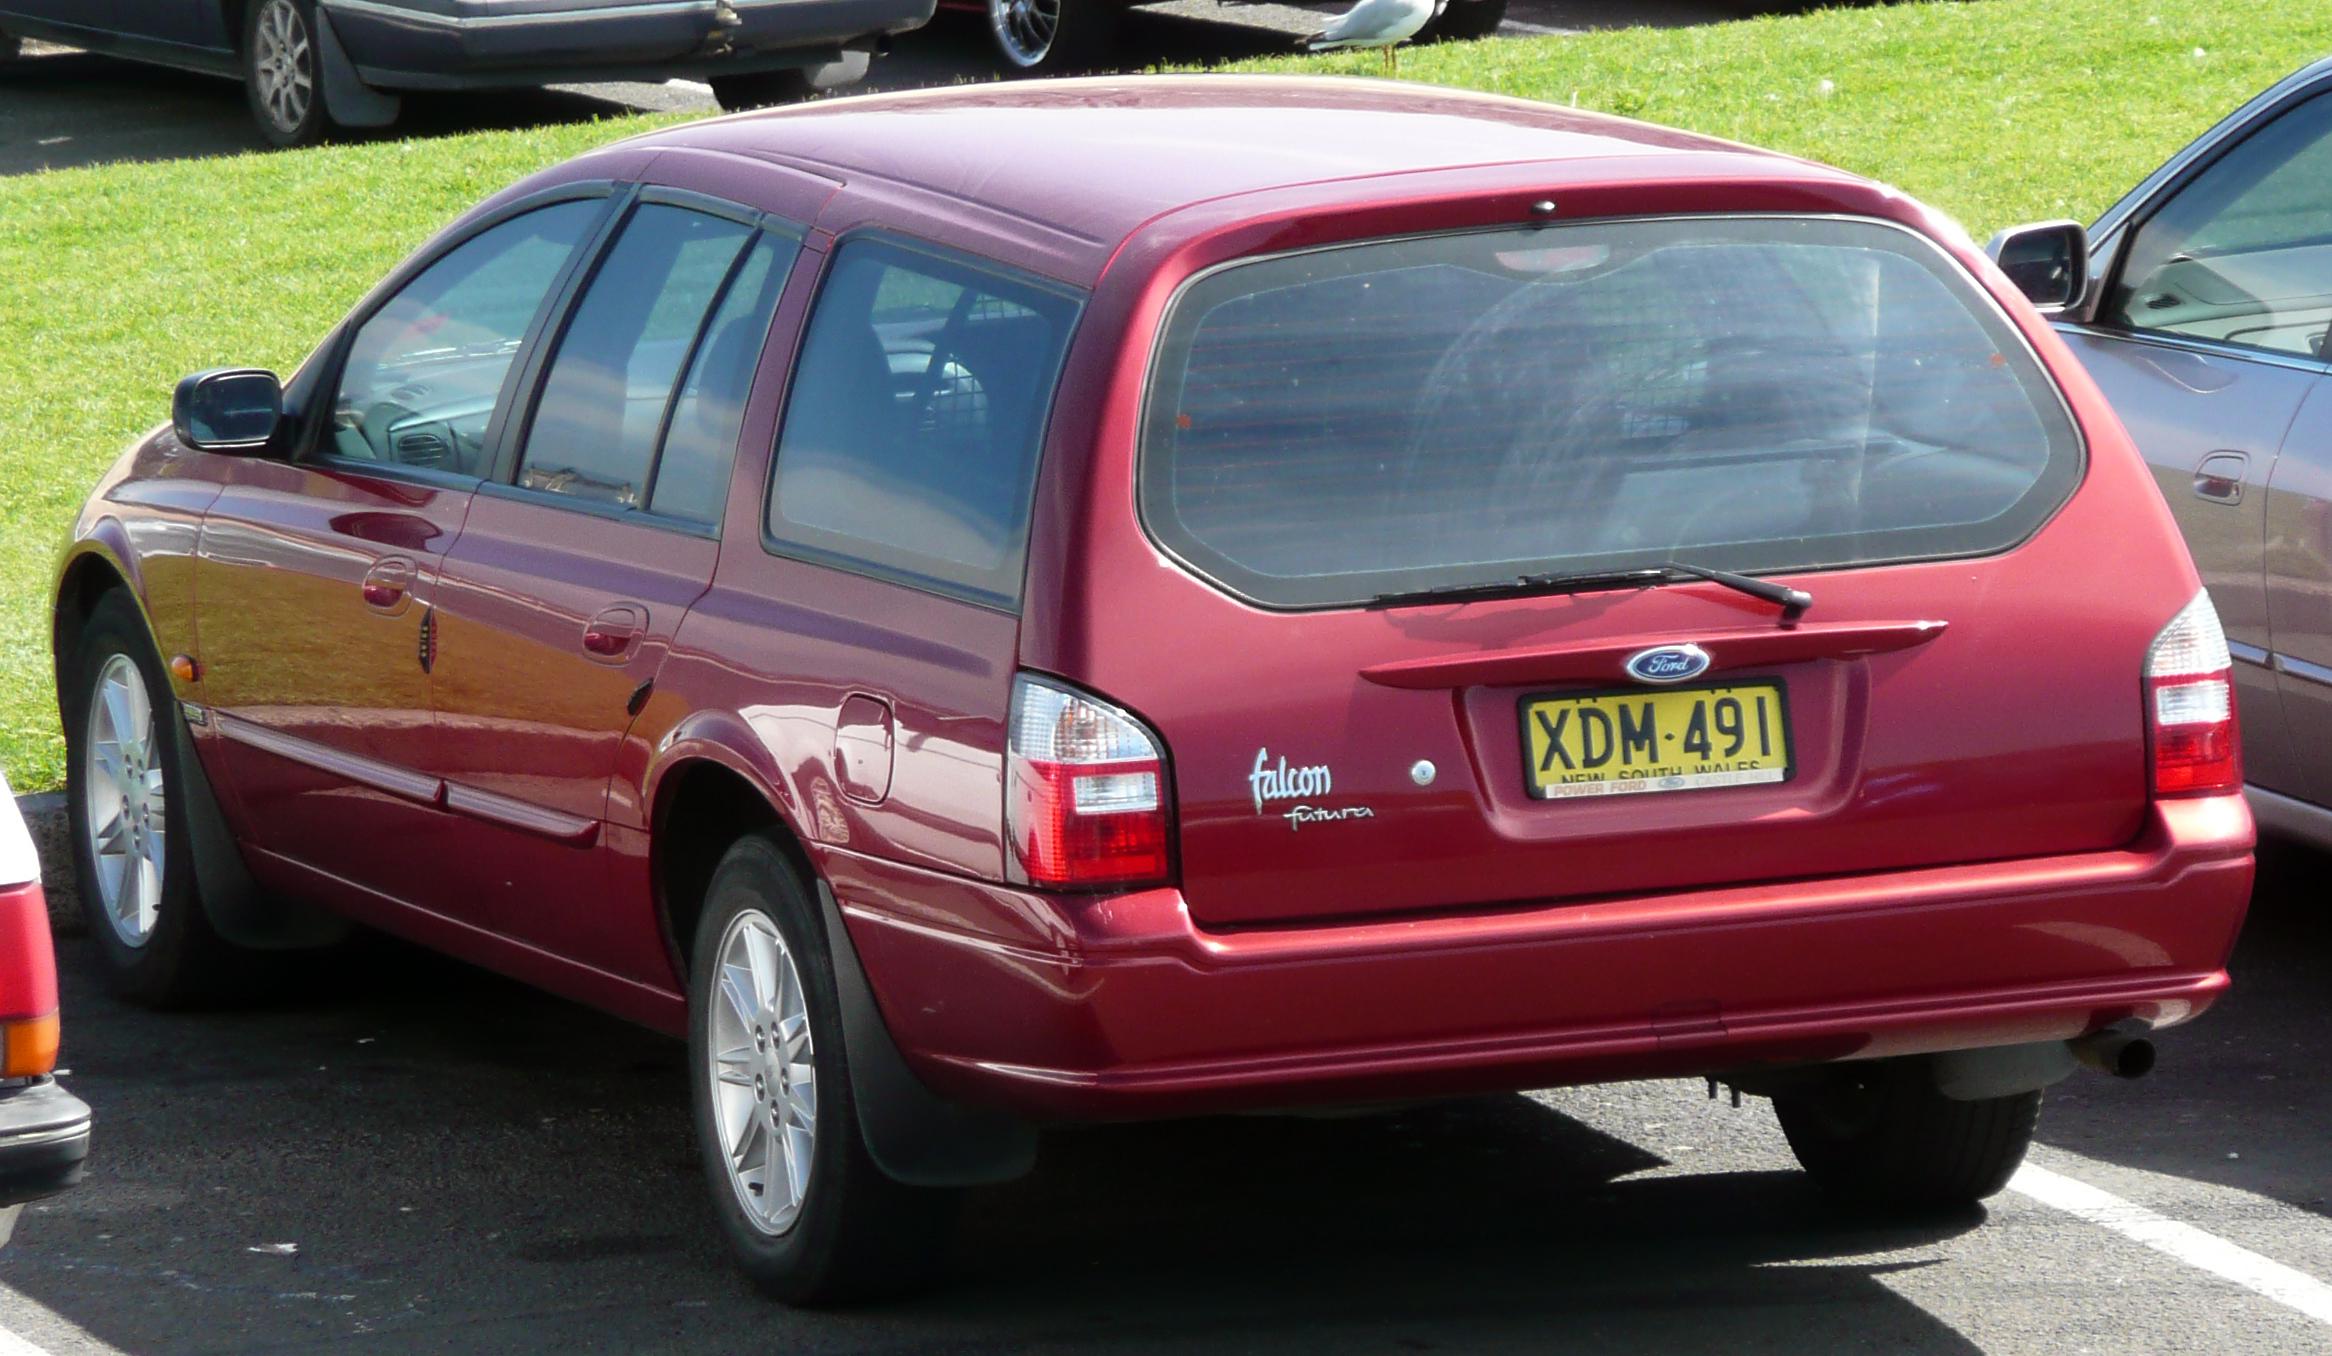 ford falcon au 2001 manual